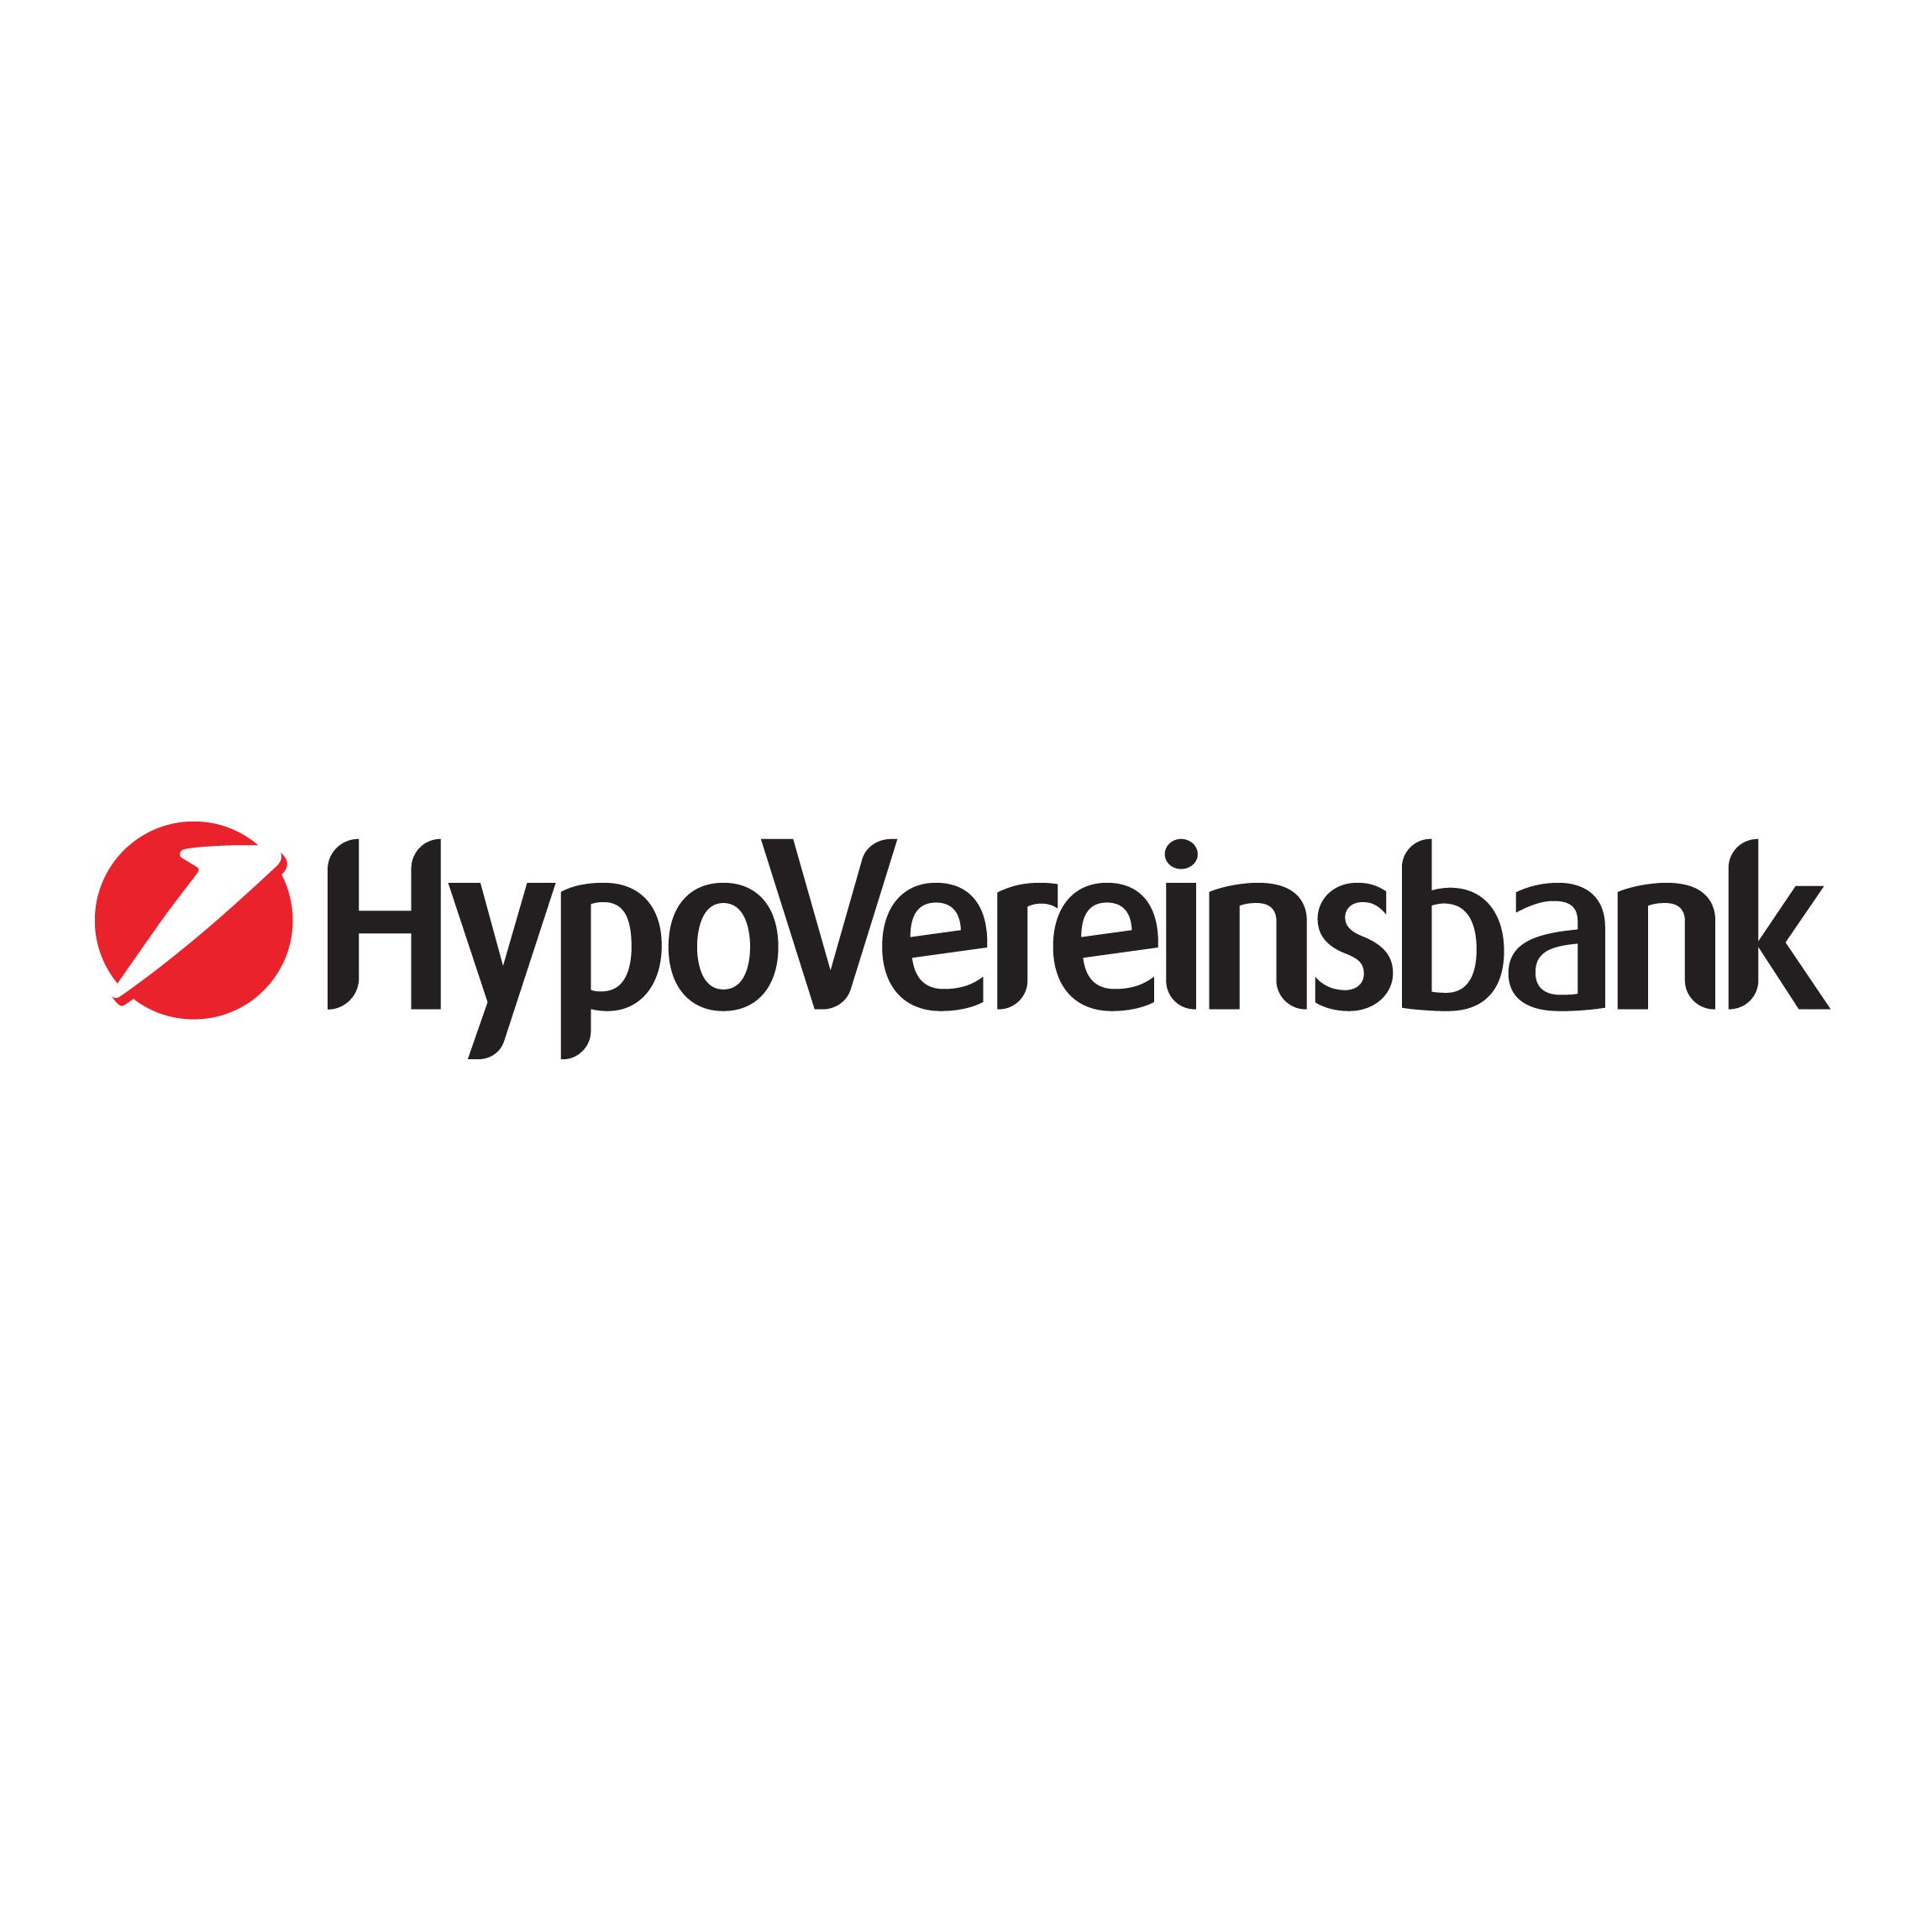 HypoVereinsbank Wealth Management Frankfurt am Main